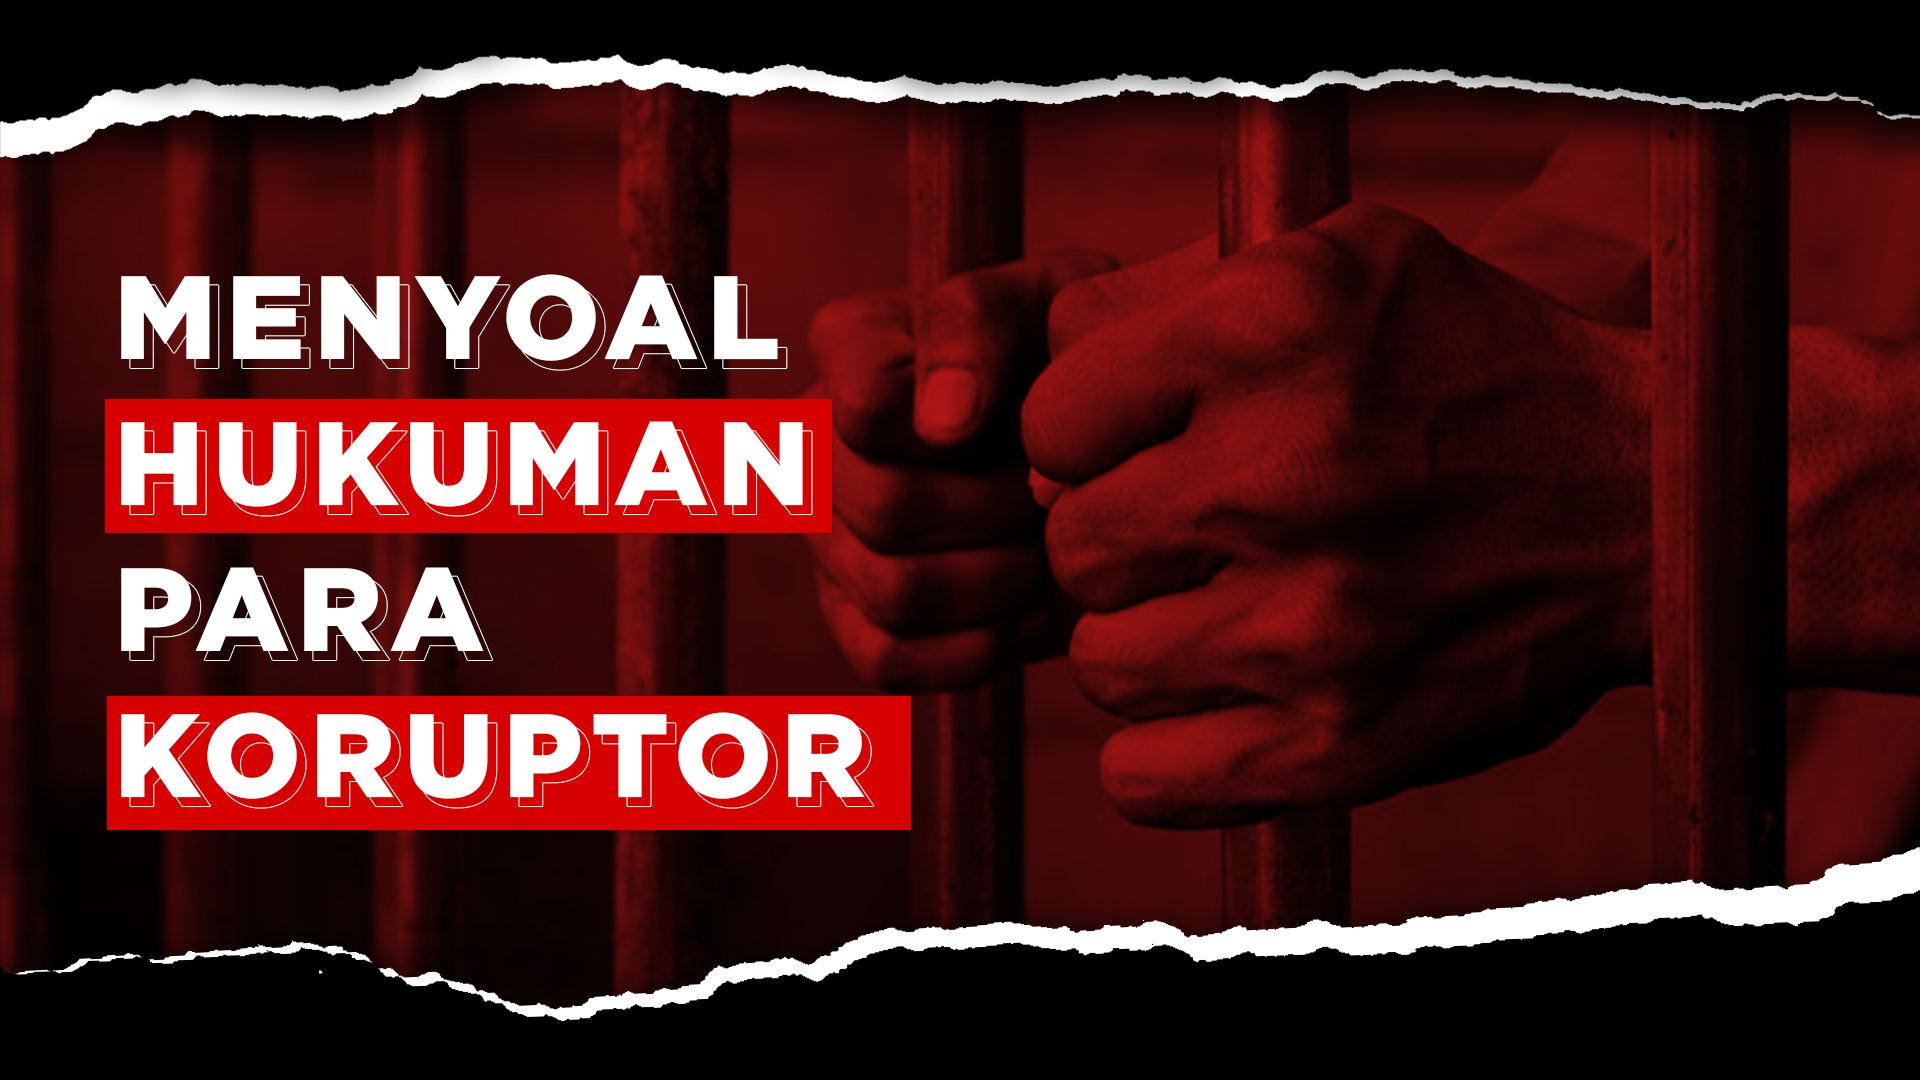 Menyoal Hukuman Para Koruptor